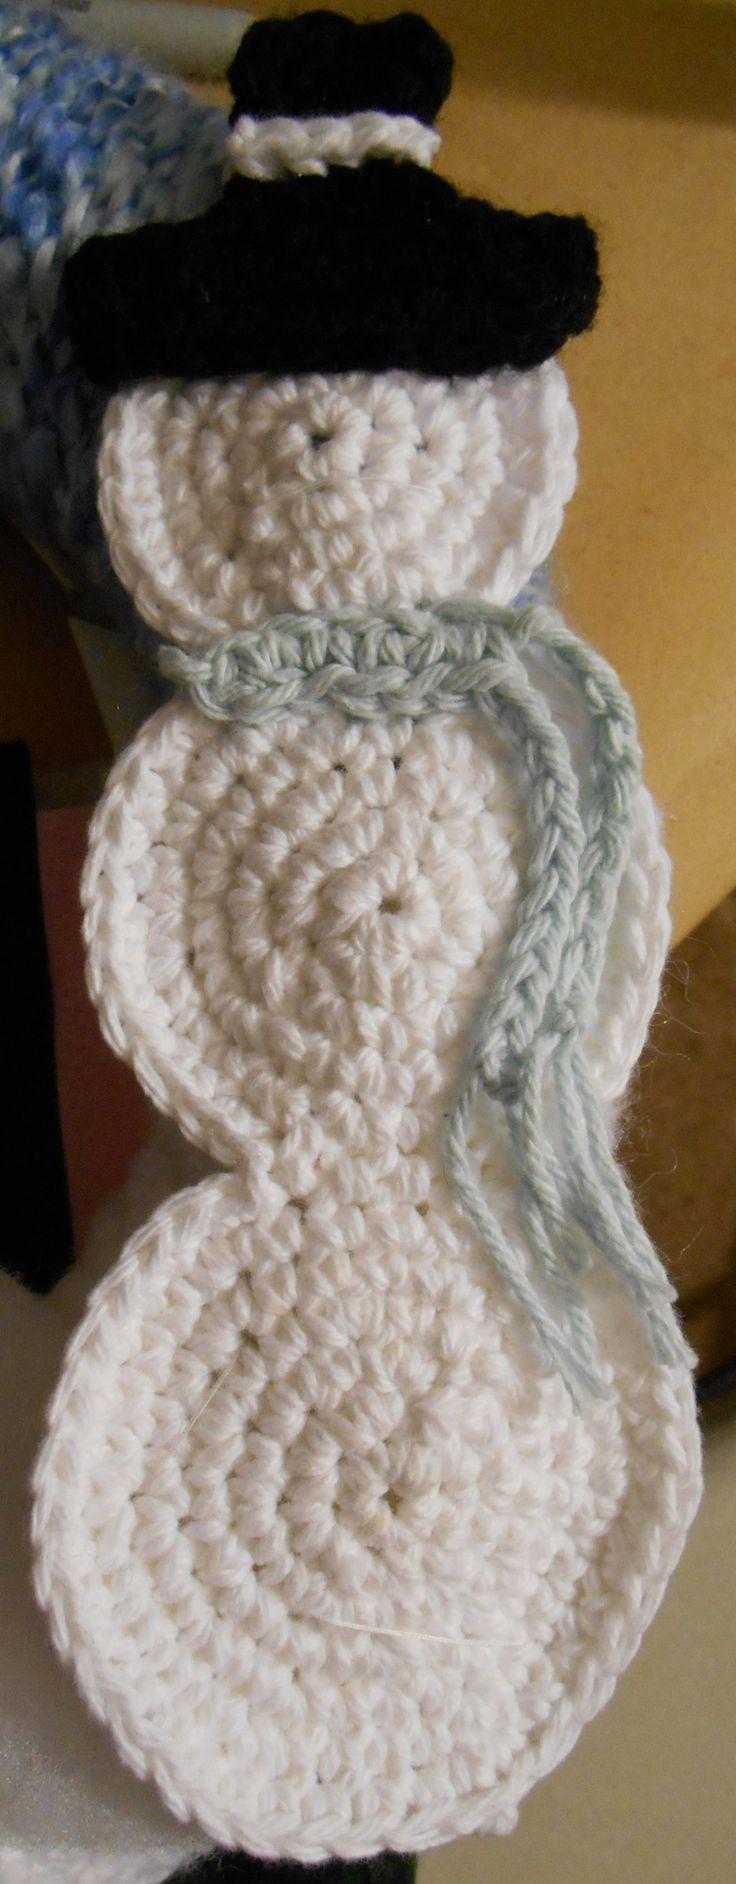 Crochet Snowman applique free pattern by 2CrochetHooks